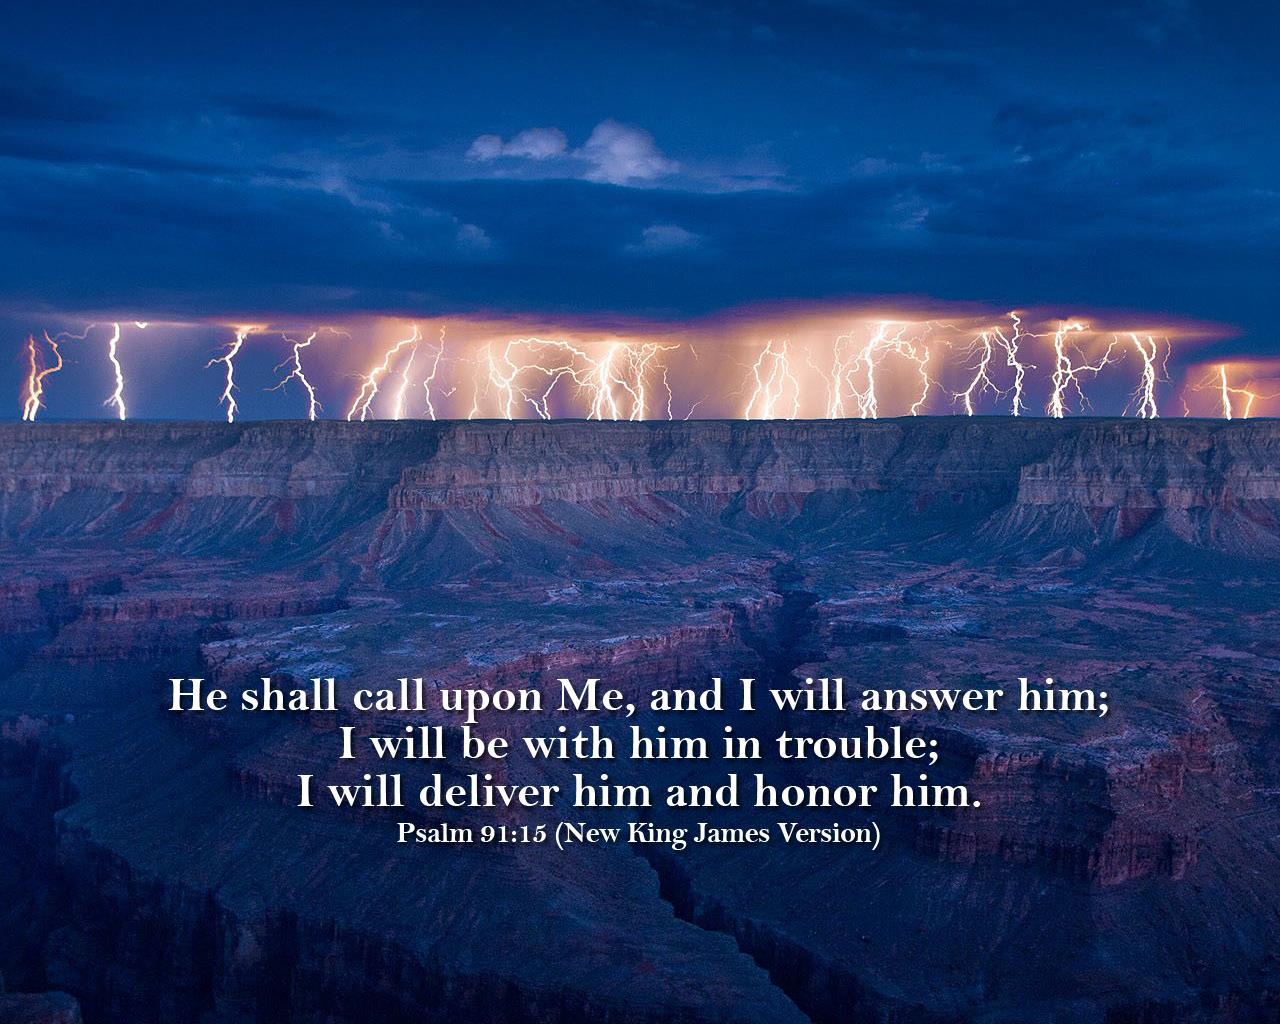 nkjv psalm 9115 wallpaperjpg 1280x1024